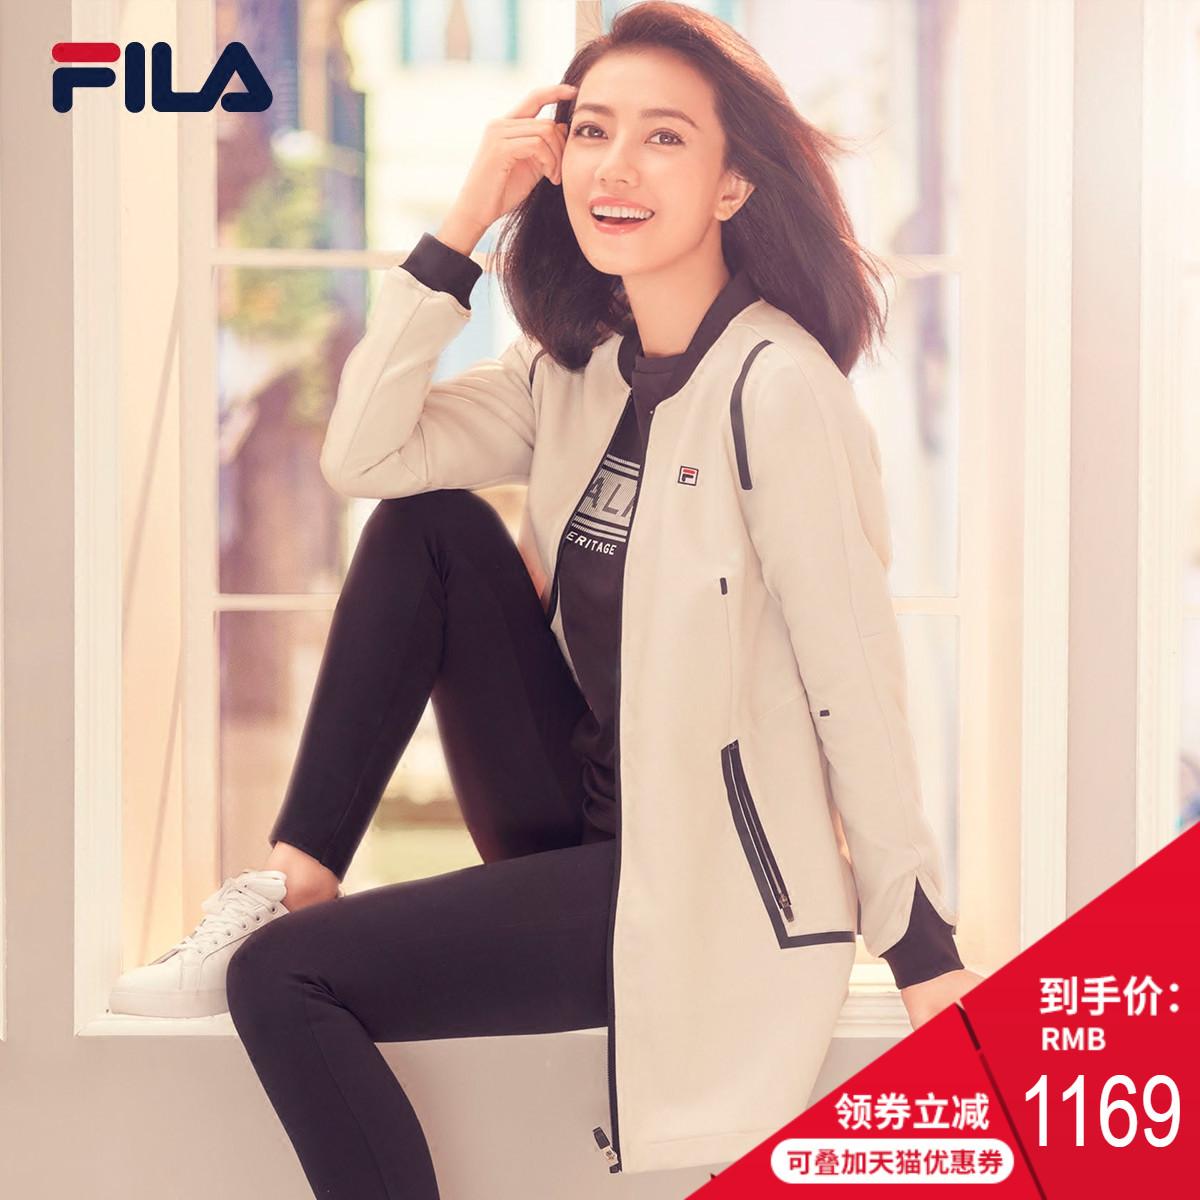 FILA фиджи музыка женщина пальто высокая круглая круглый в этом же моделье 2017 зимний осенний новинка длинная модель бейсбольная форма дикий движение пальто женщина